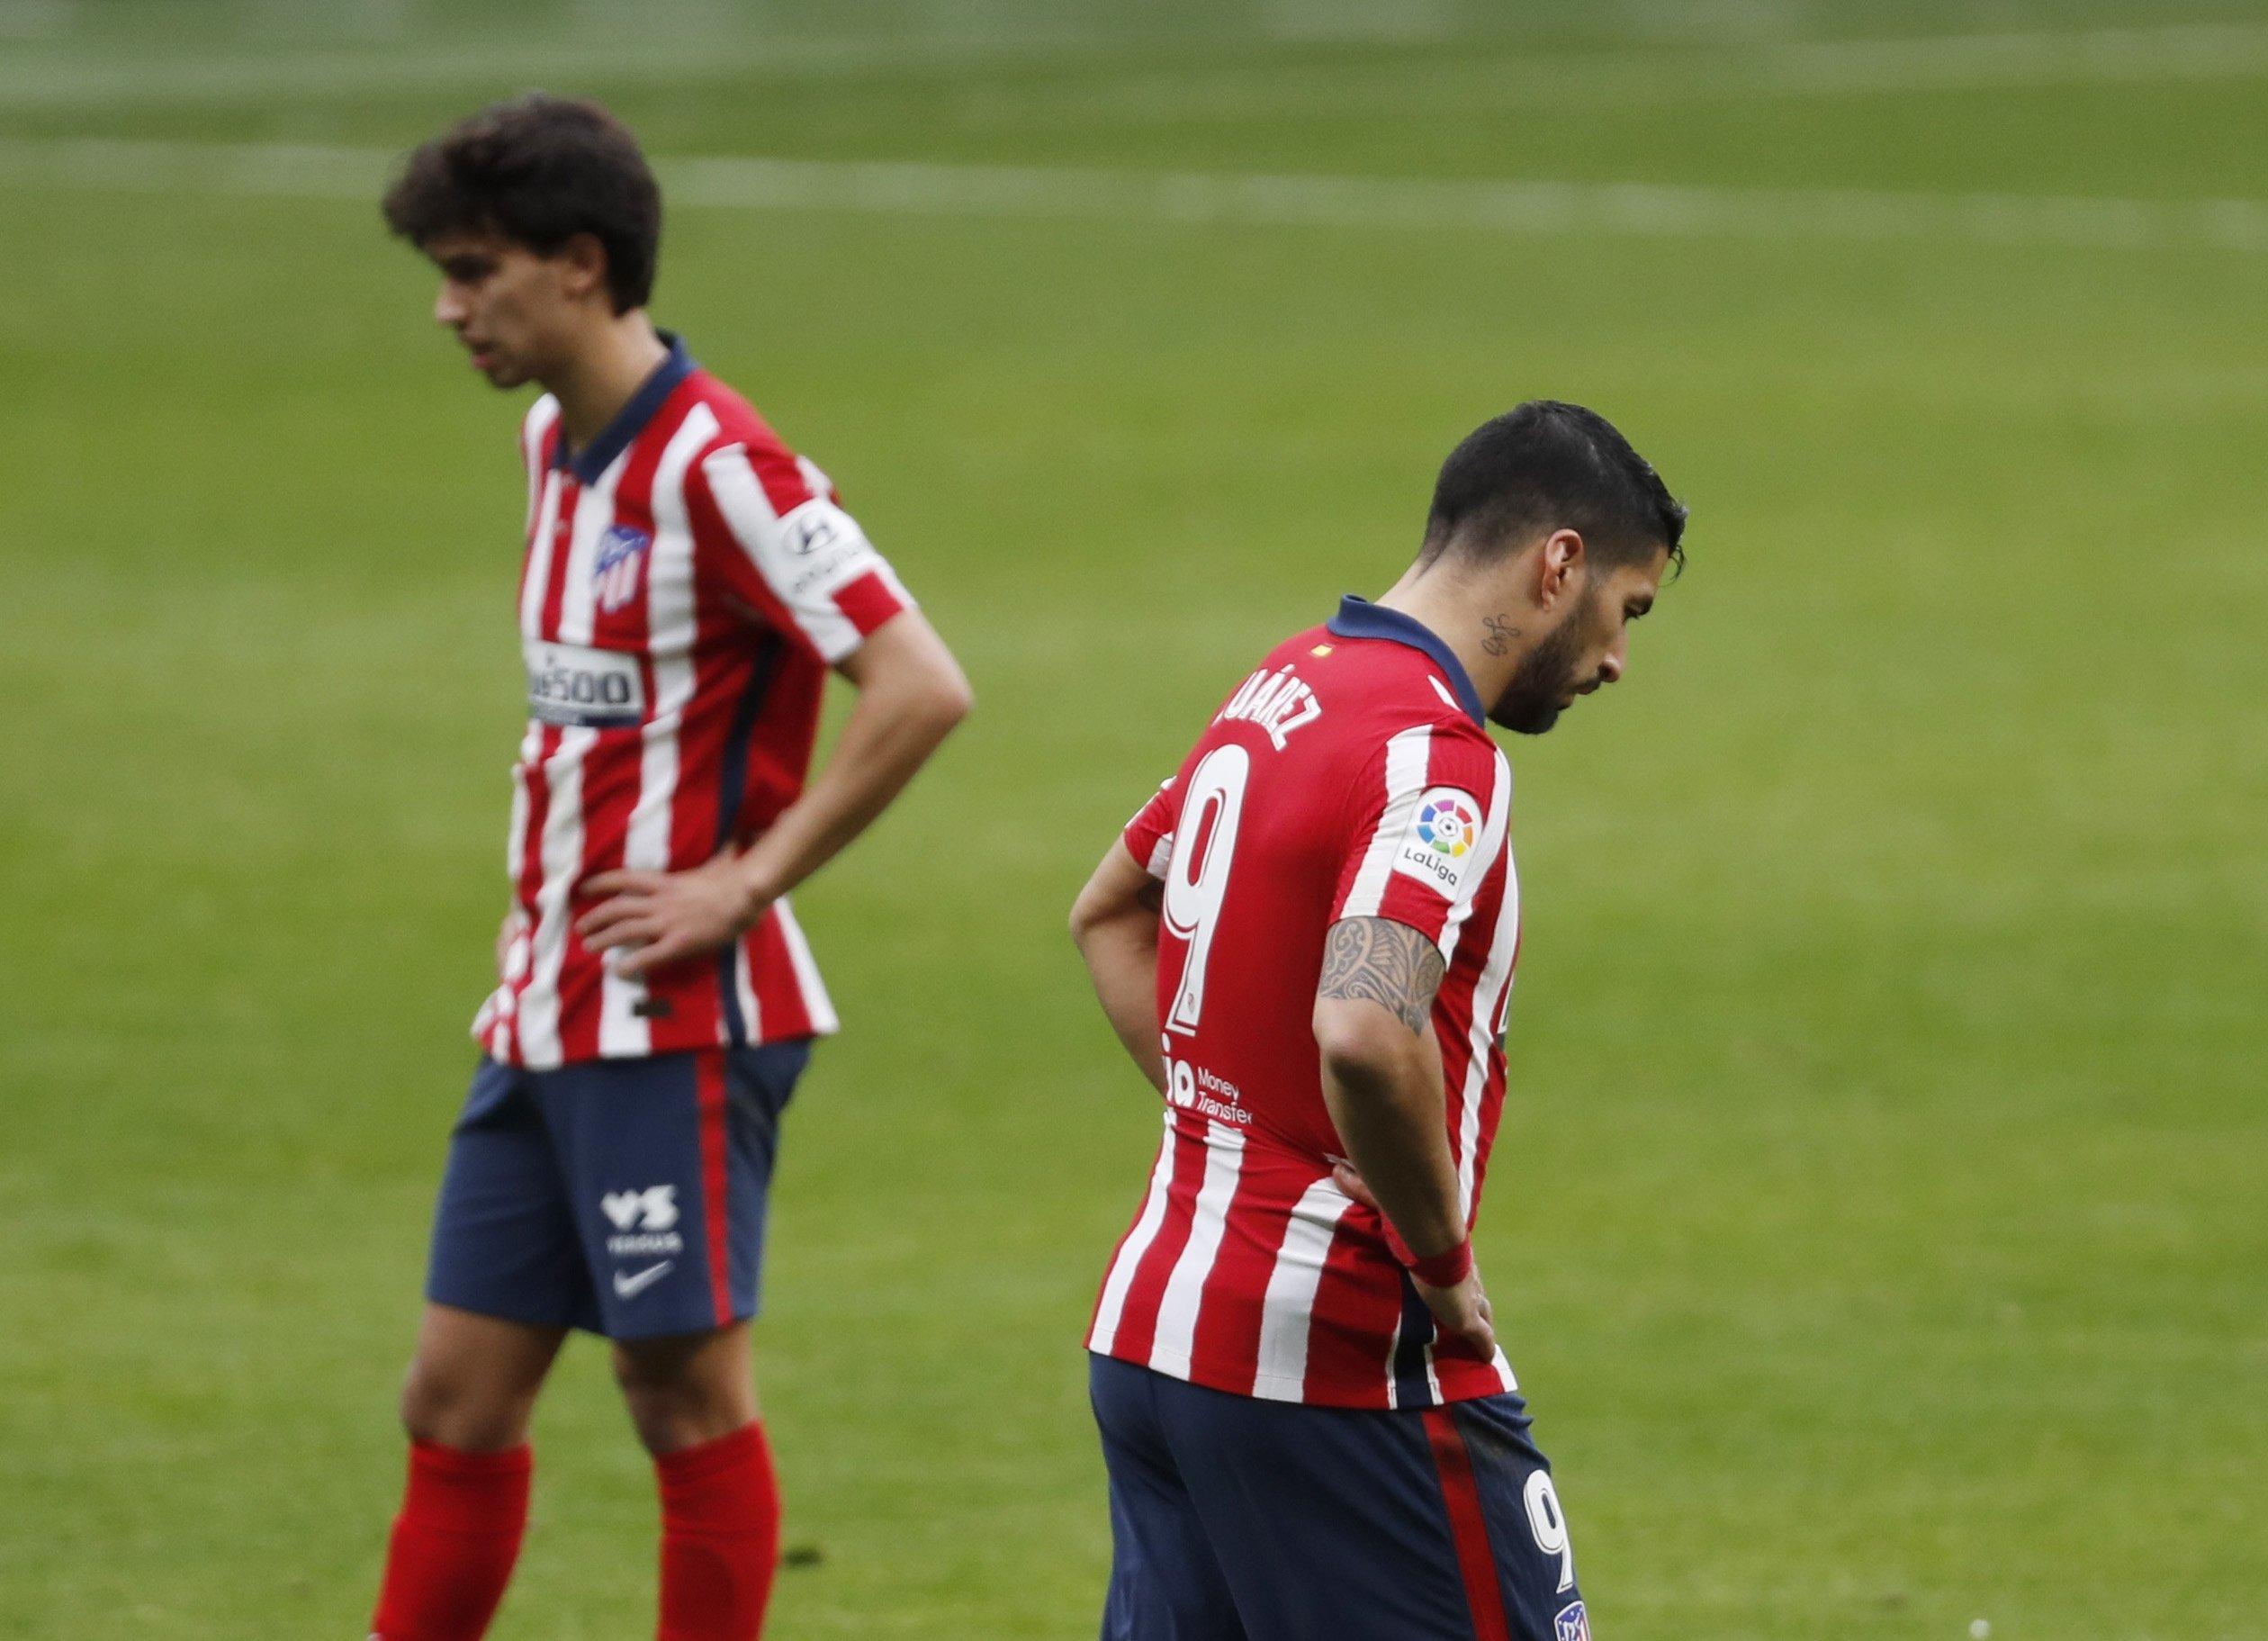 Atletico Madrid's Luis Suarez (R) and João Félix look dejected against Levante, Wanda Metropolitano, Madrid, Spain - Feb. 20, 2021. (Reuters Photo)